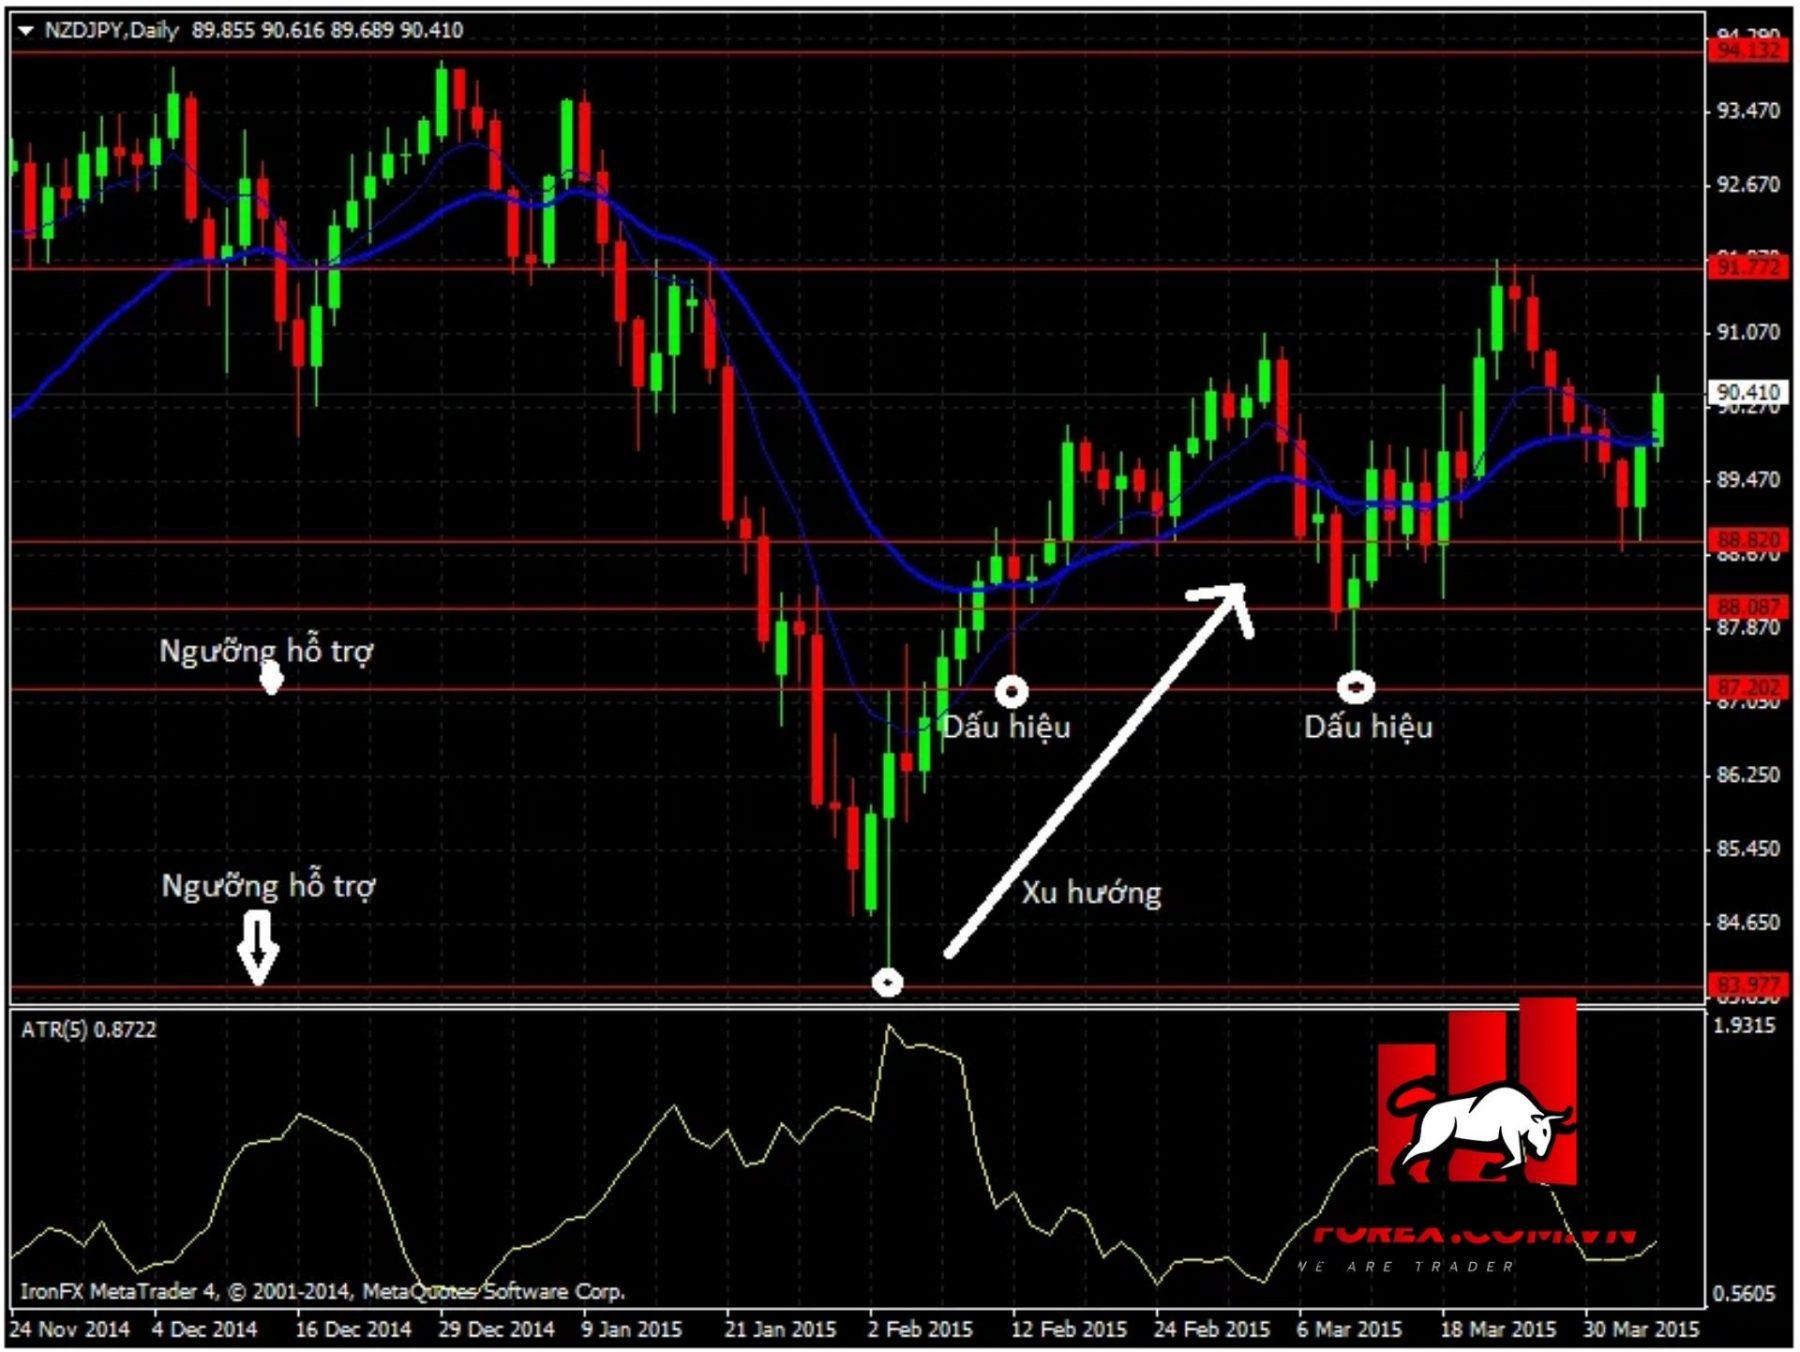 Chờ đến thời điểm cả 3 yếu tố Trend, Level, Signal cùng xuất hiện